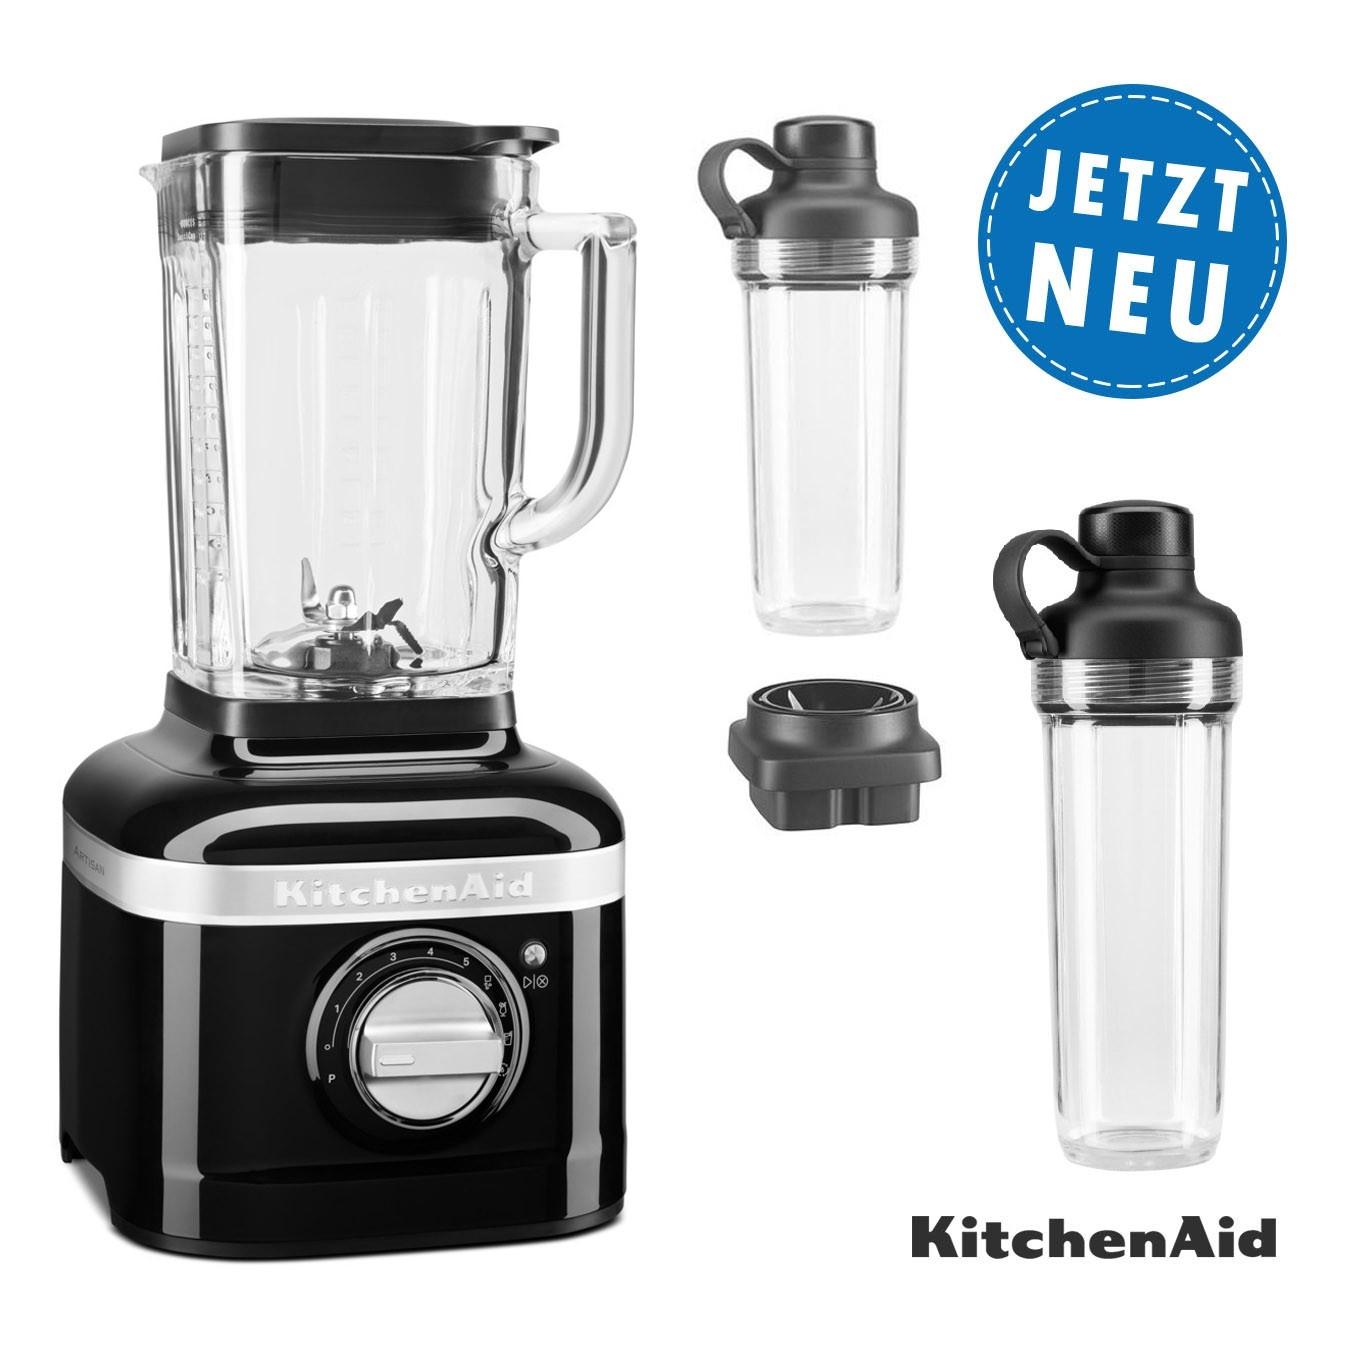 KitchenAid ARTISAN K400 Standmixer 5KSB4026 onyxschwarz mit 2xTo-Go-Behälter und Klingen